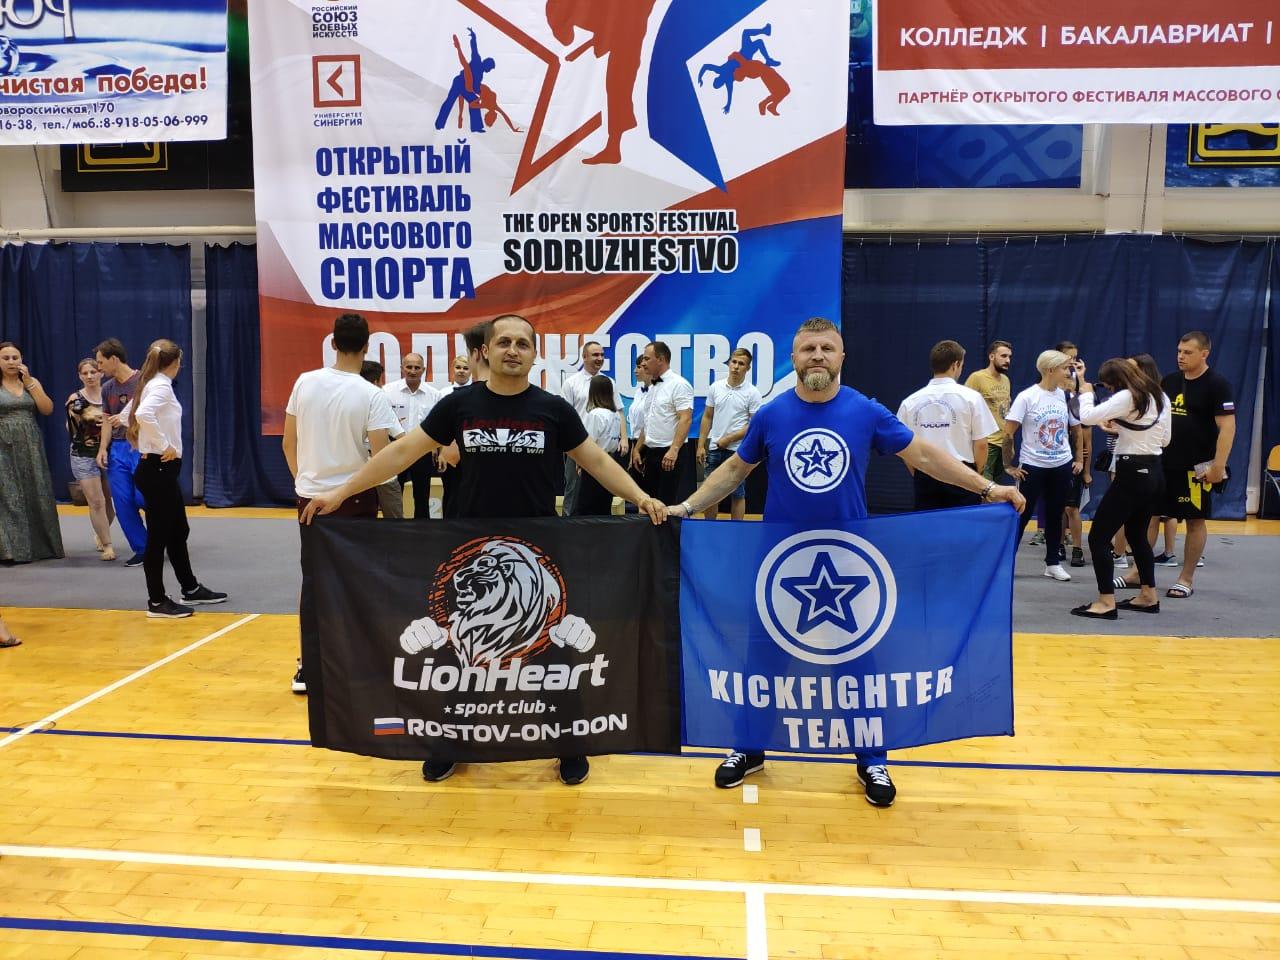 Кубок черного моря 2019